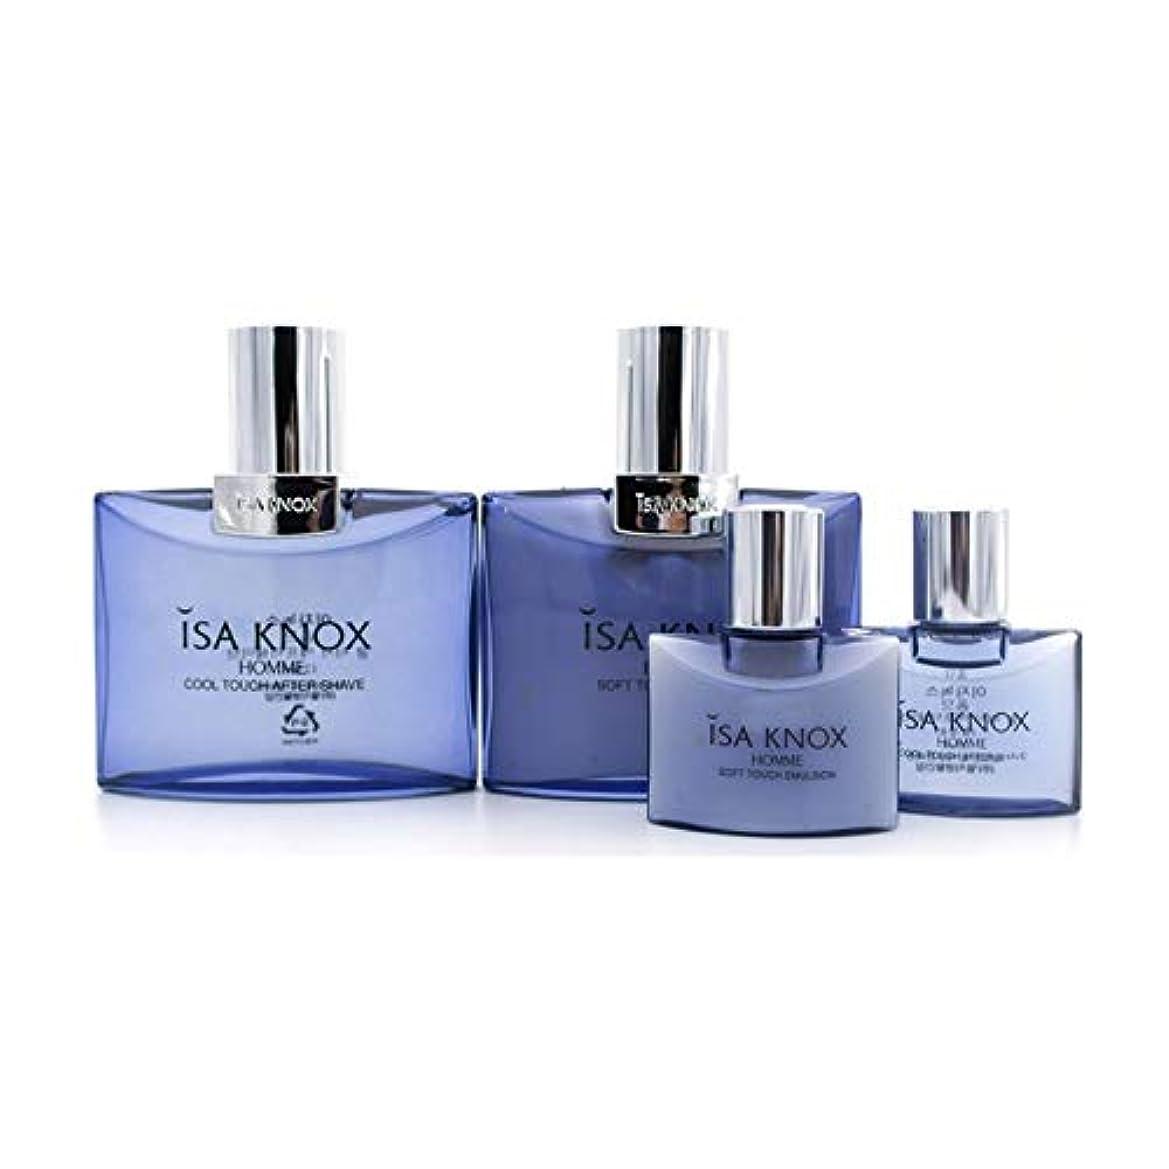 パステル古くなったハンディイザノックスオムアフターシェーブ160ml(125+35)エマルジョン160ml(125+35)セットメンズコスメ韓国コスメ、Isa Knox Homme After Shave Emulsion Set Men's Cosmetics...